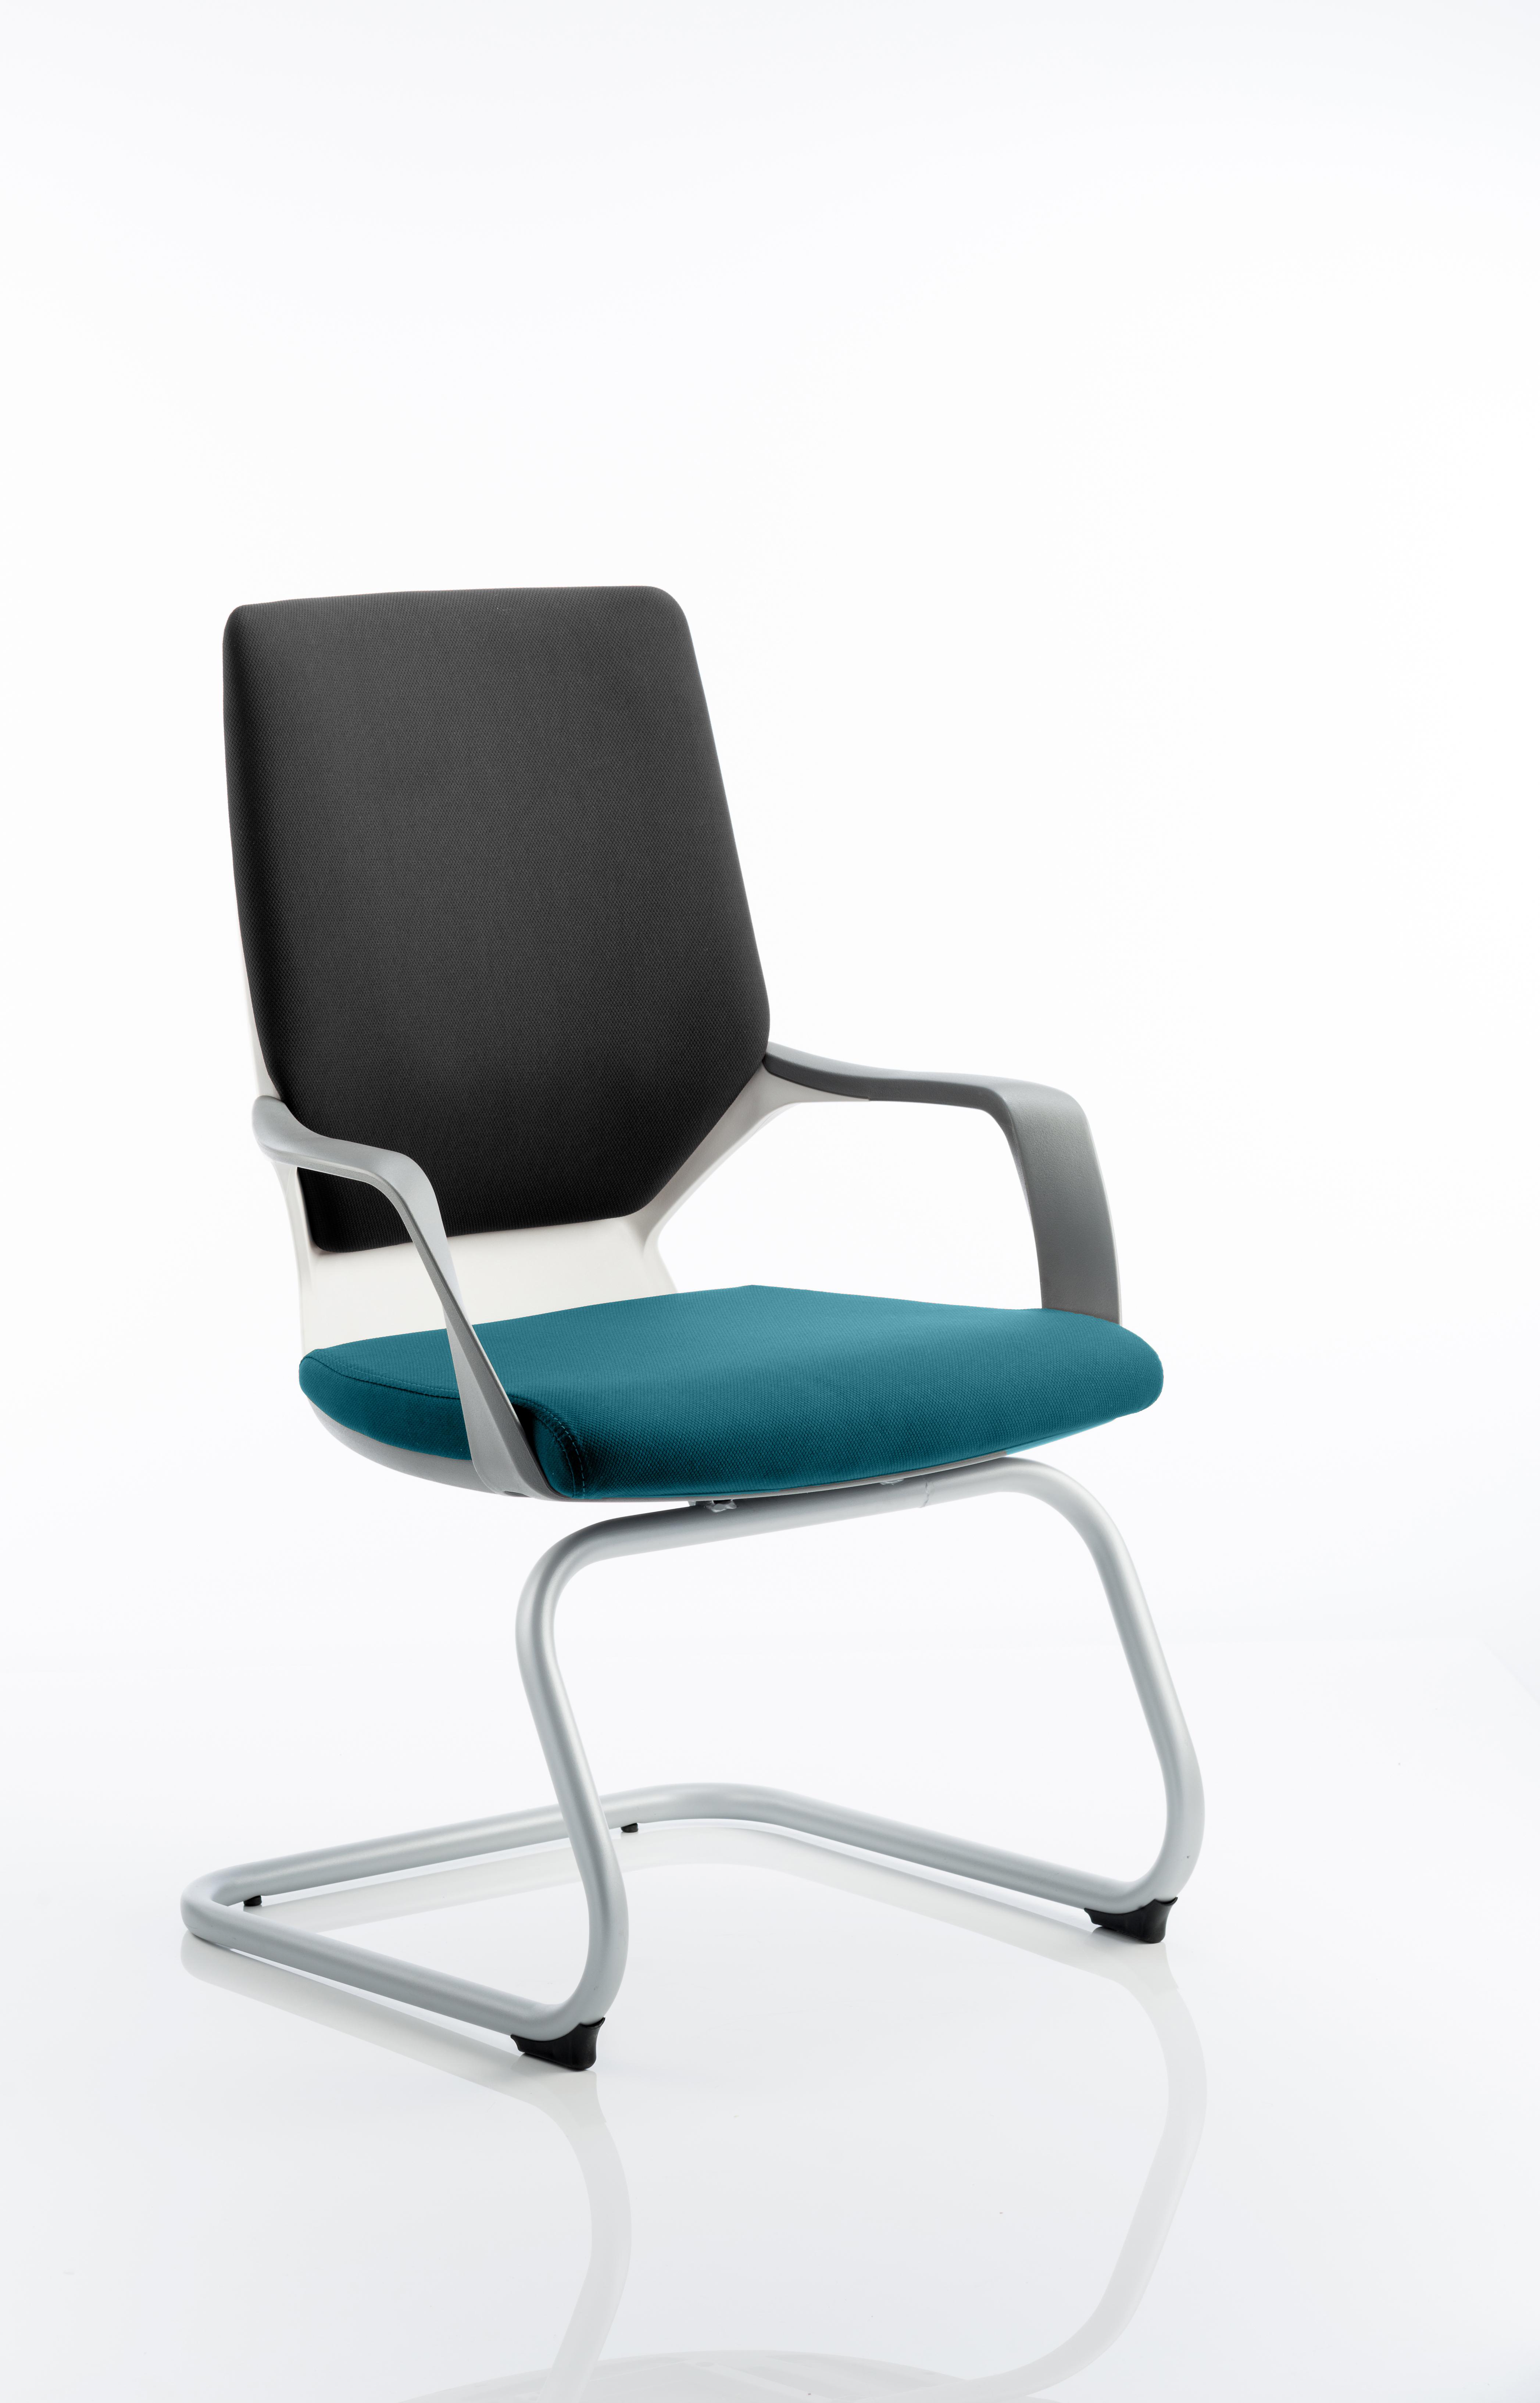 Xenon Visitor White Shell Bespoke Colour Seat Maringa Teal